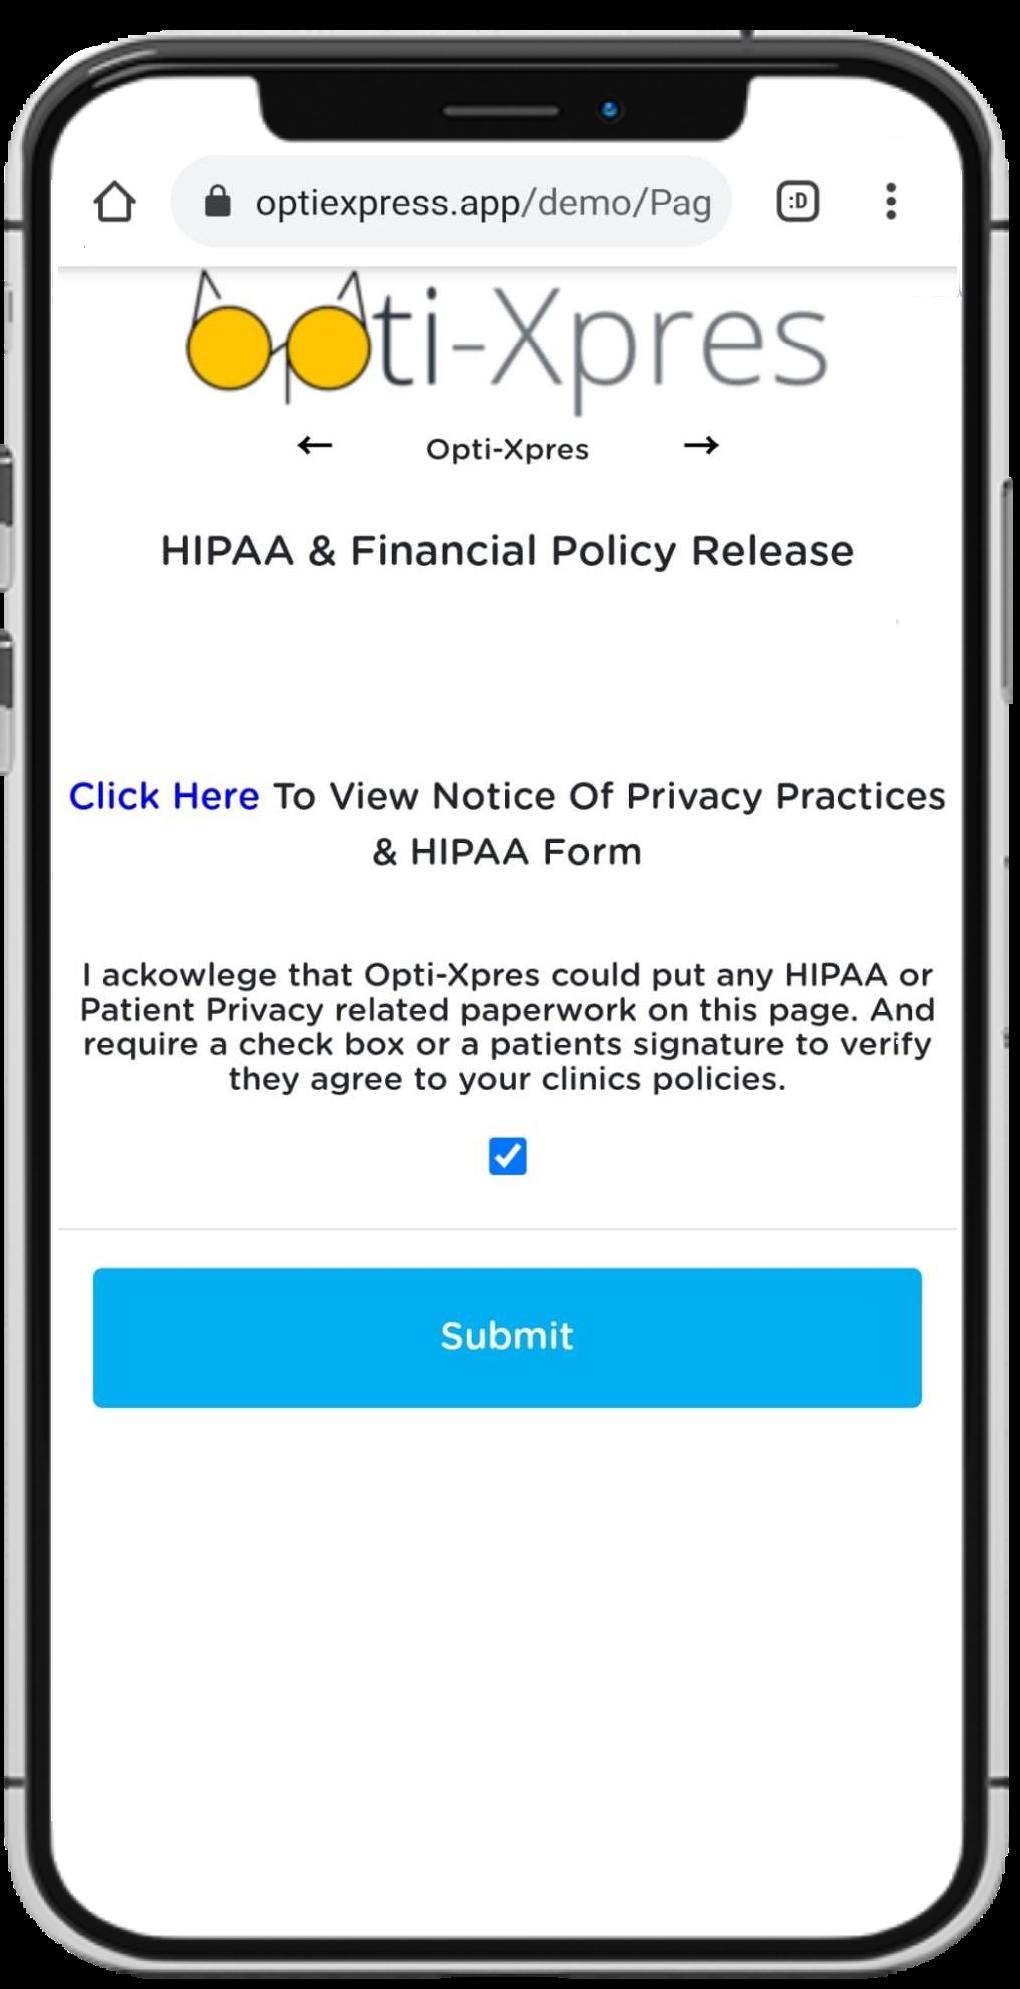 6HIPAA Compliance